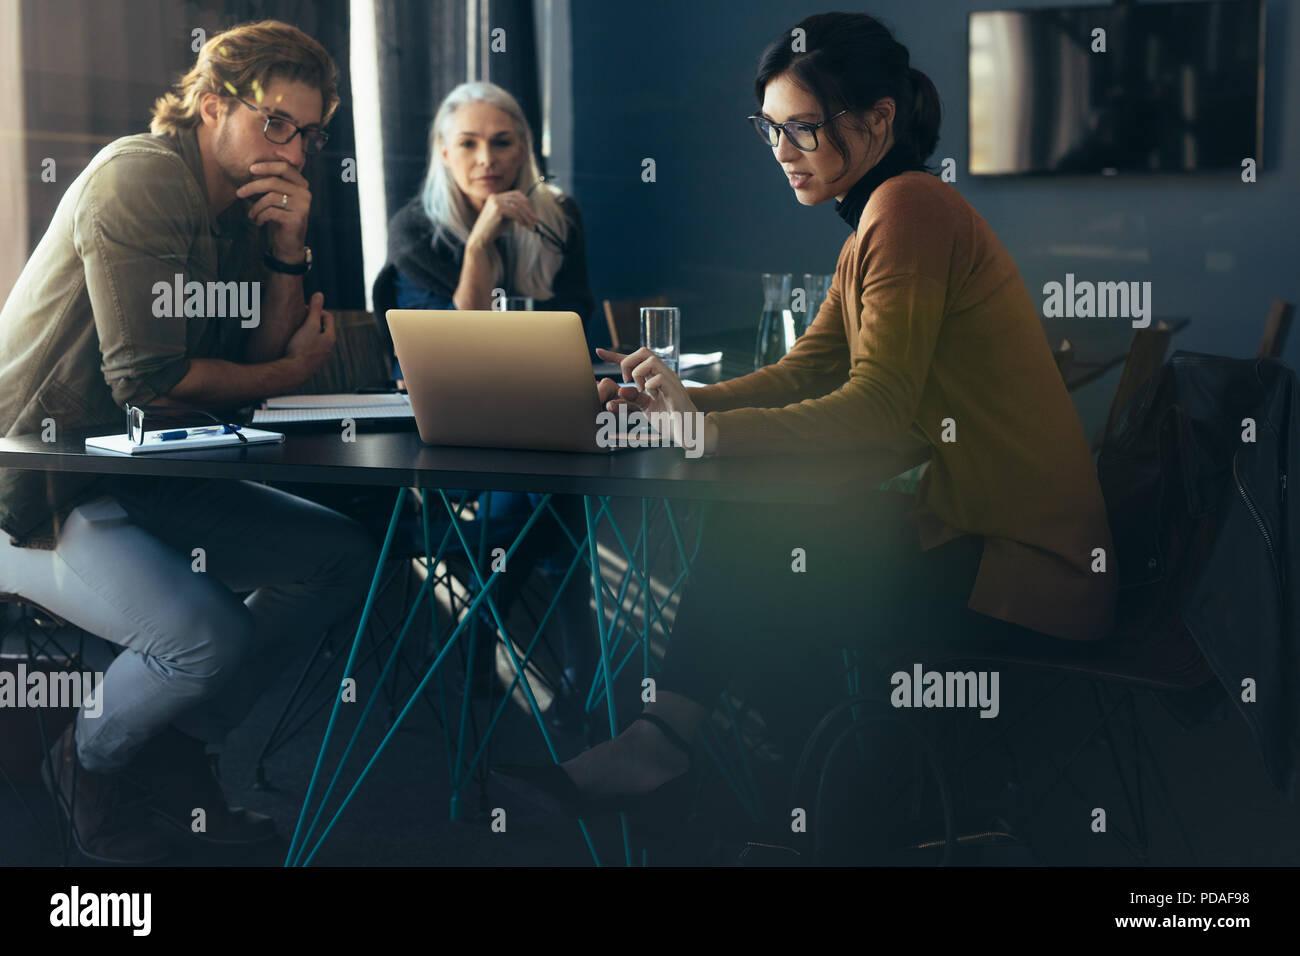 Drei Personen sitzen um einen Tisch und Laptop. Business Frau, Projekt Analyse auf Laptop mit Kollegen. Stockfoto